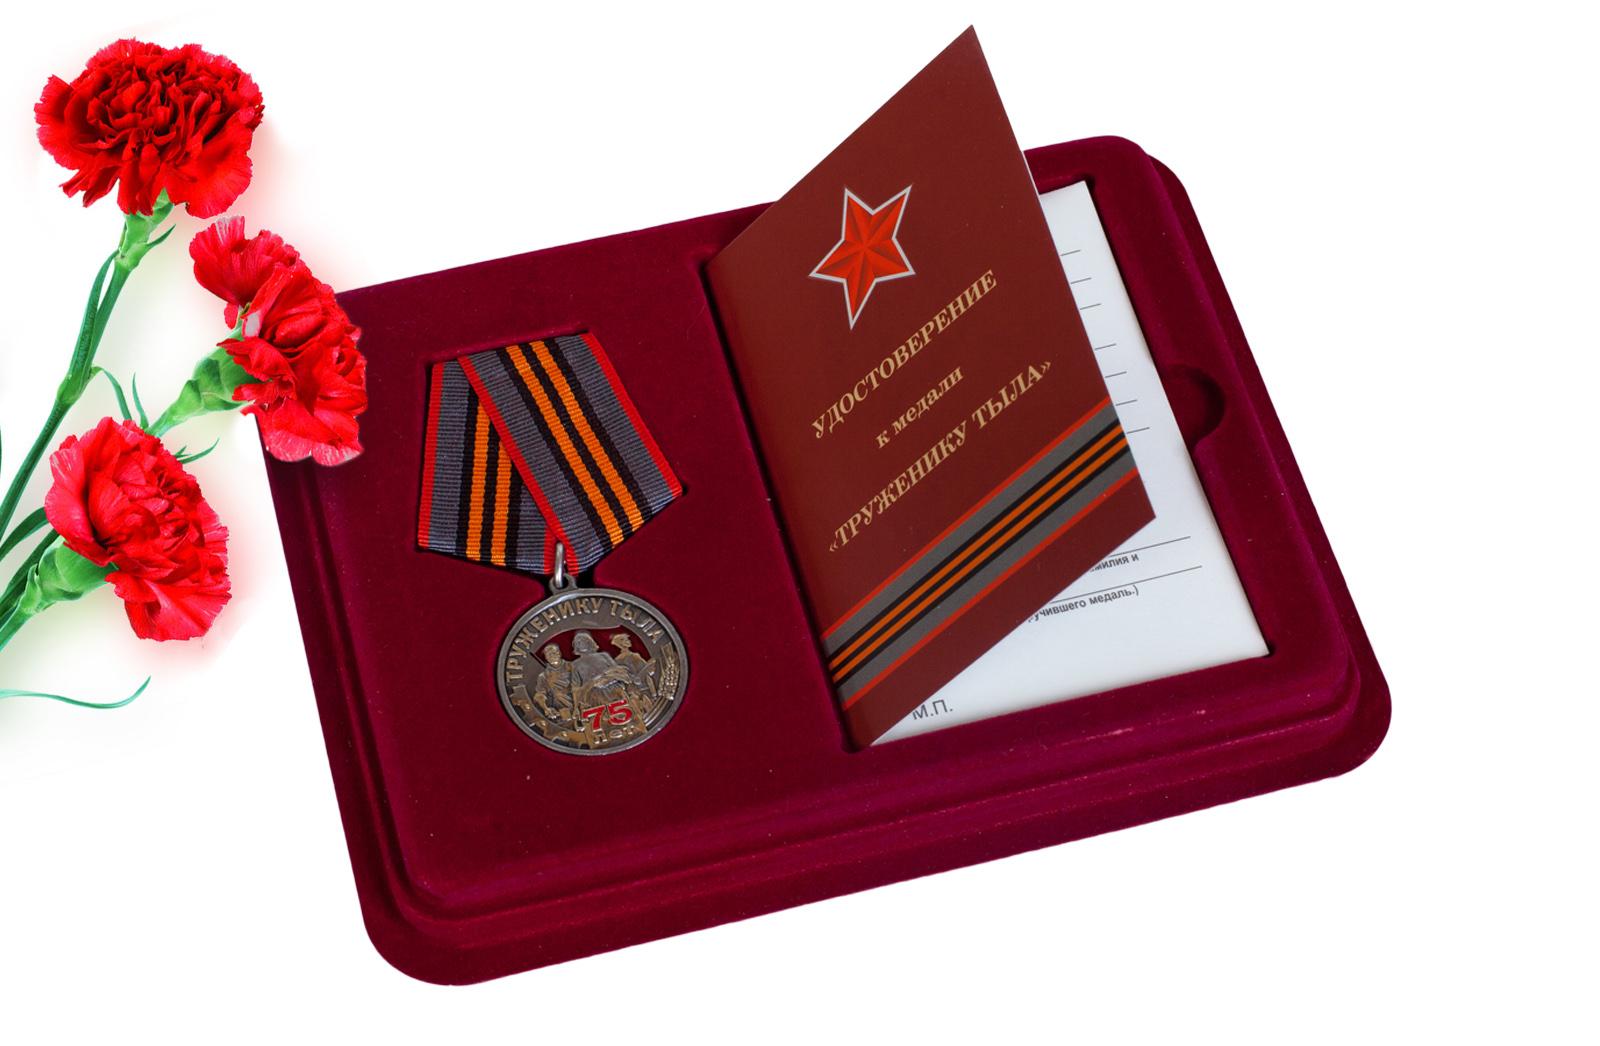 Купить общественную медаль к 75-летию Победы в ВОВ Труженику тыла онлайн